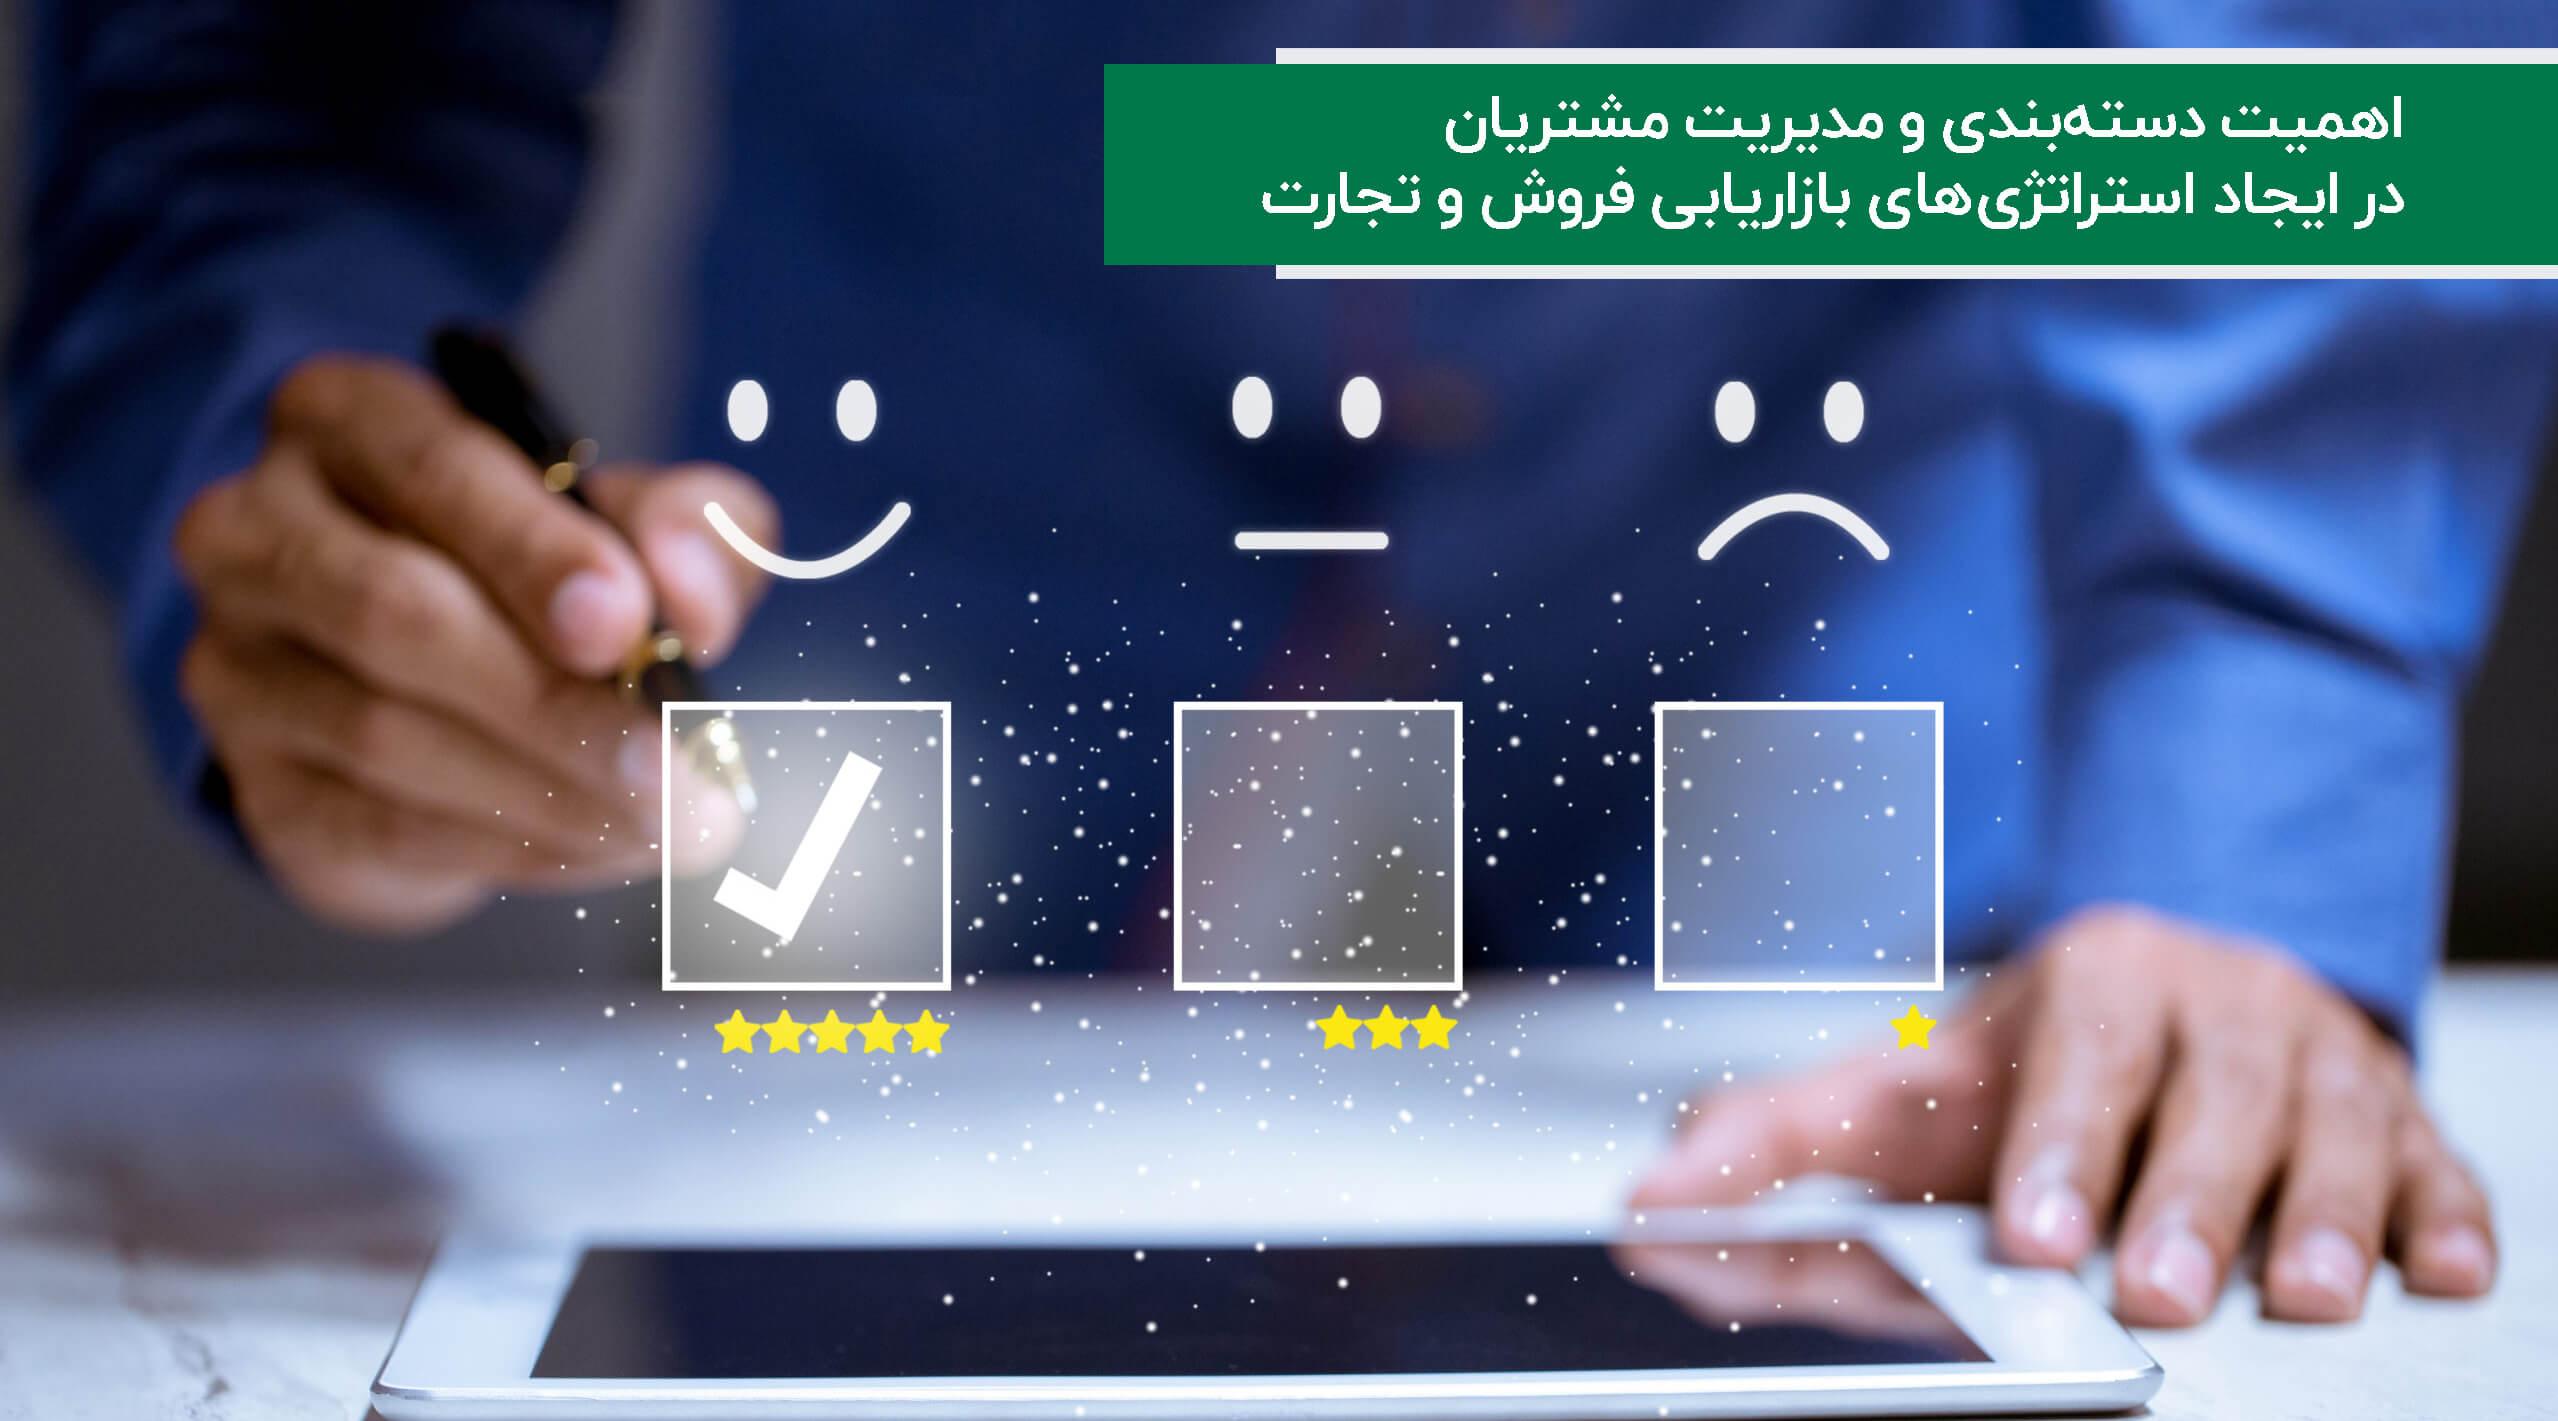 لجستیک و حملونقل-اهمیت دستهبندی و مدیریت مشتریان در ایجاد استراتژیهای بازاریابی فروش و تجارت